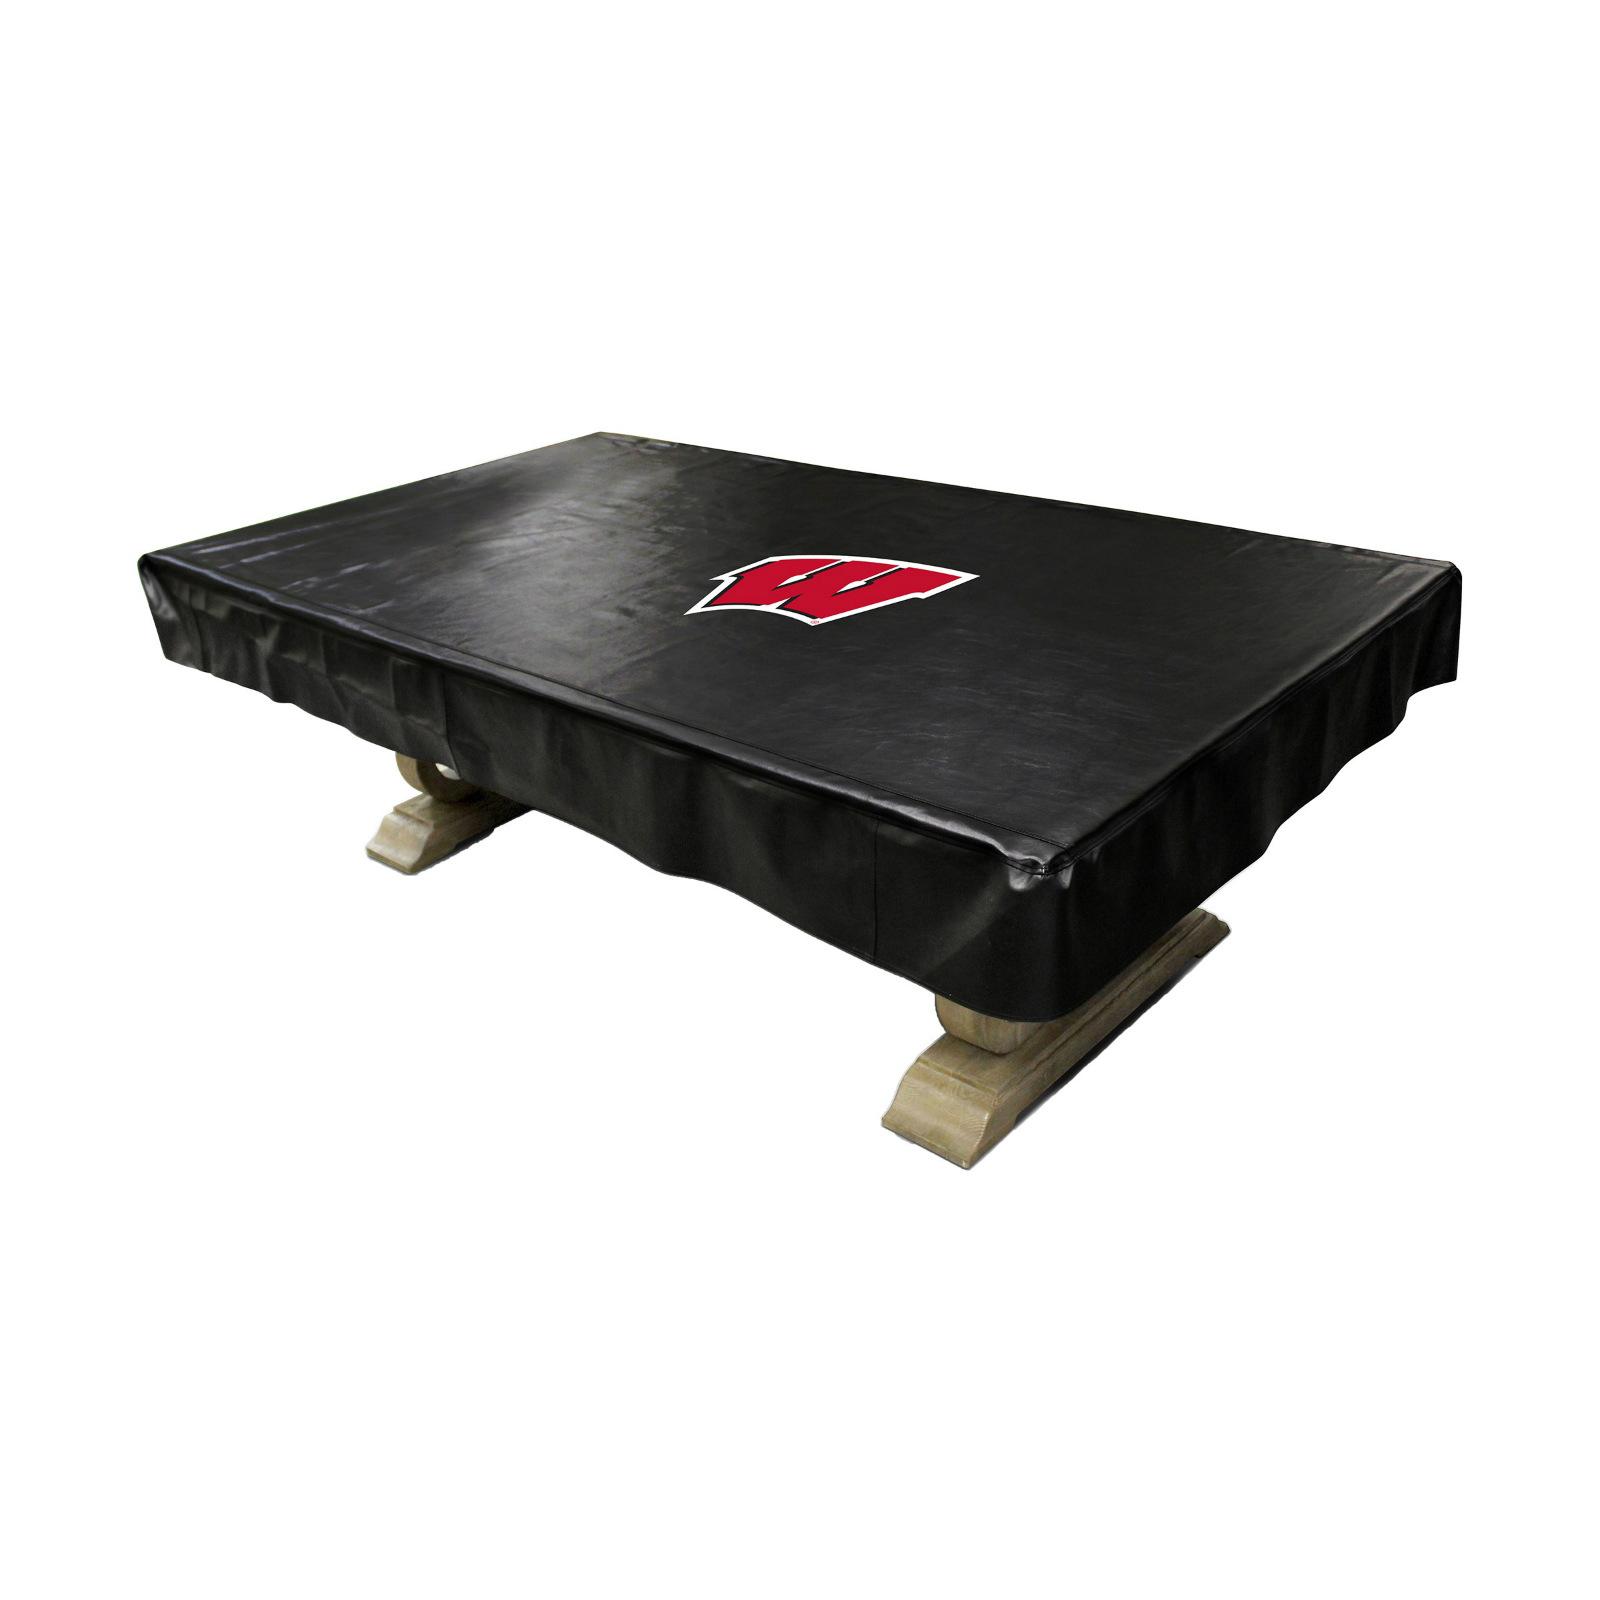 NCAA Wisconsin Badgers 8 Foot Naugahyde Pool Tabl